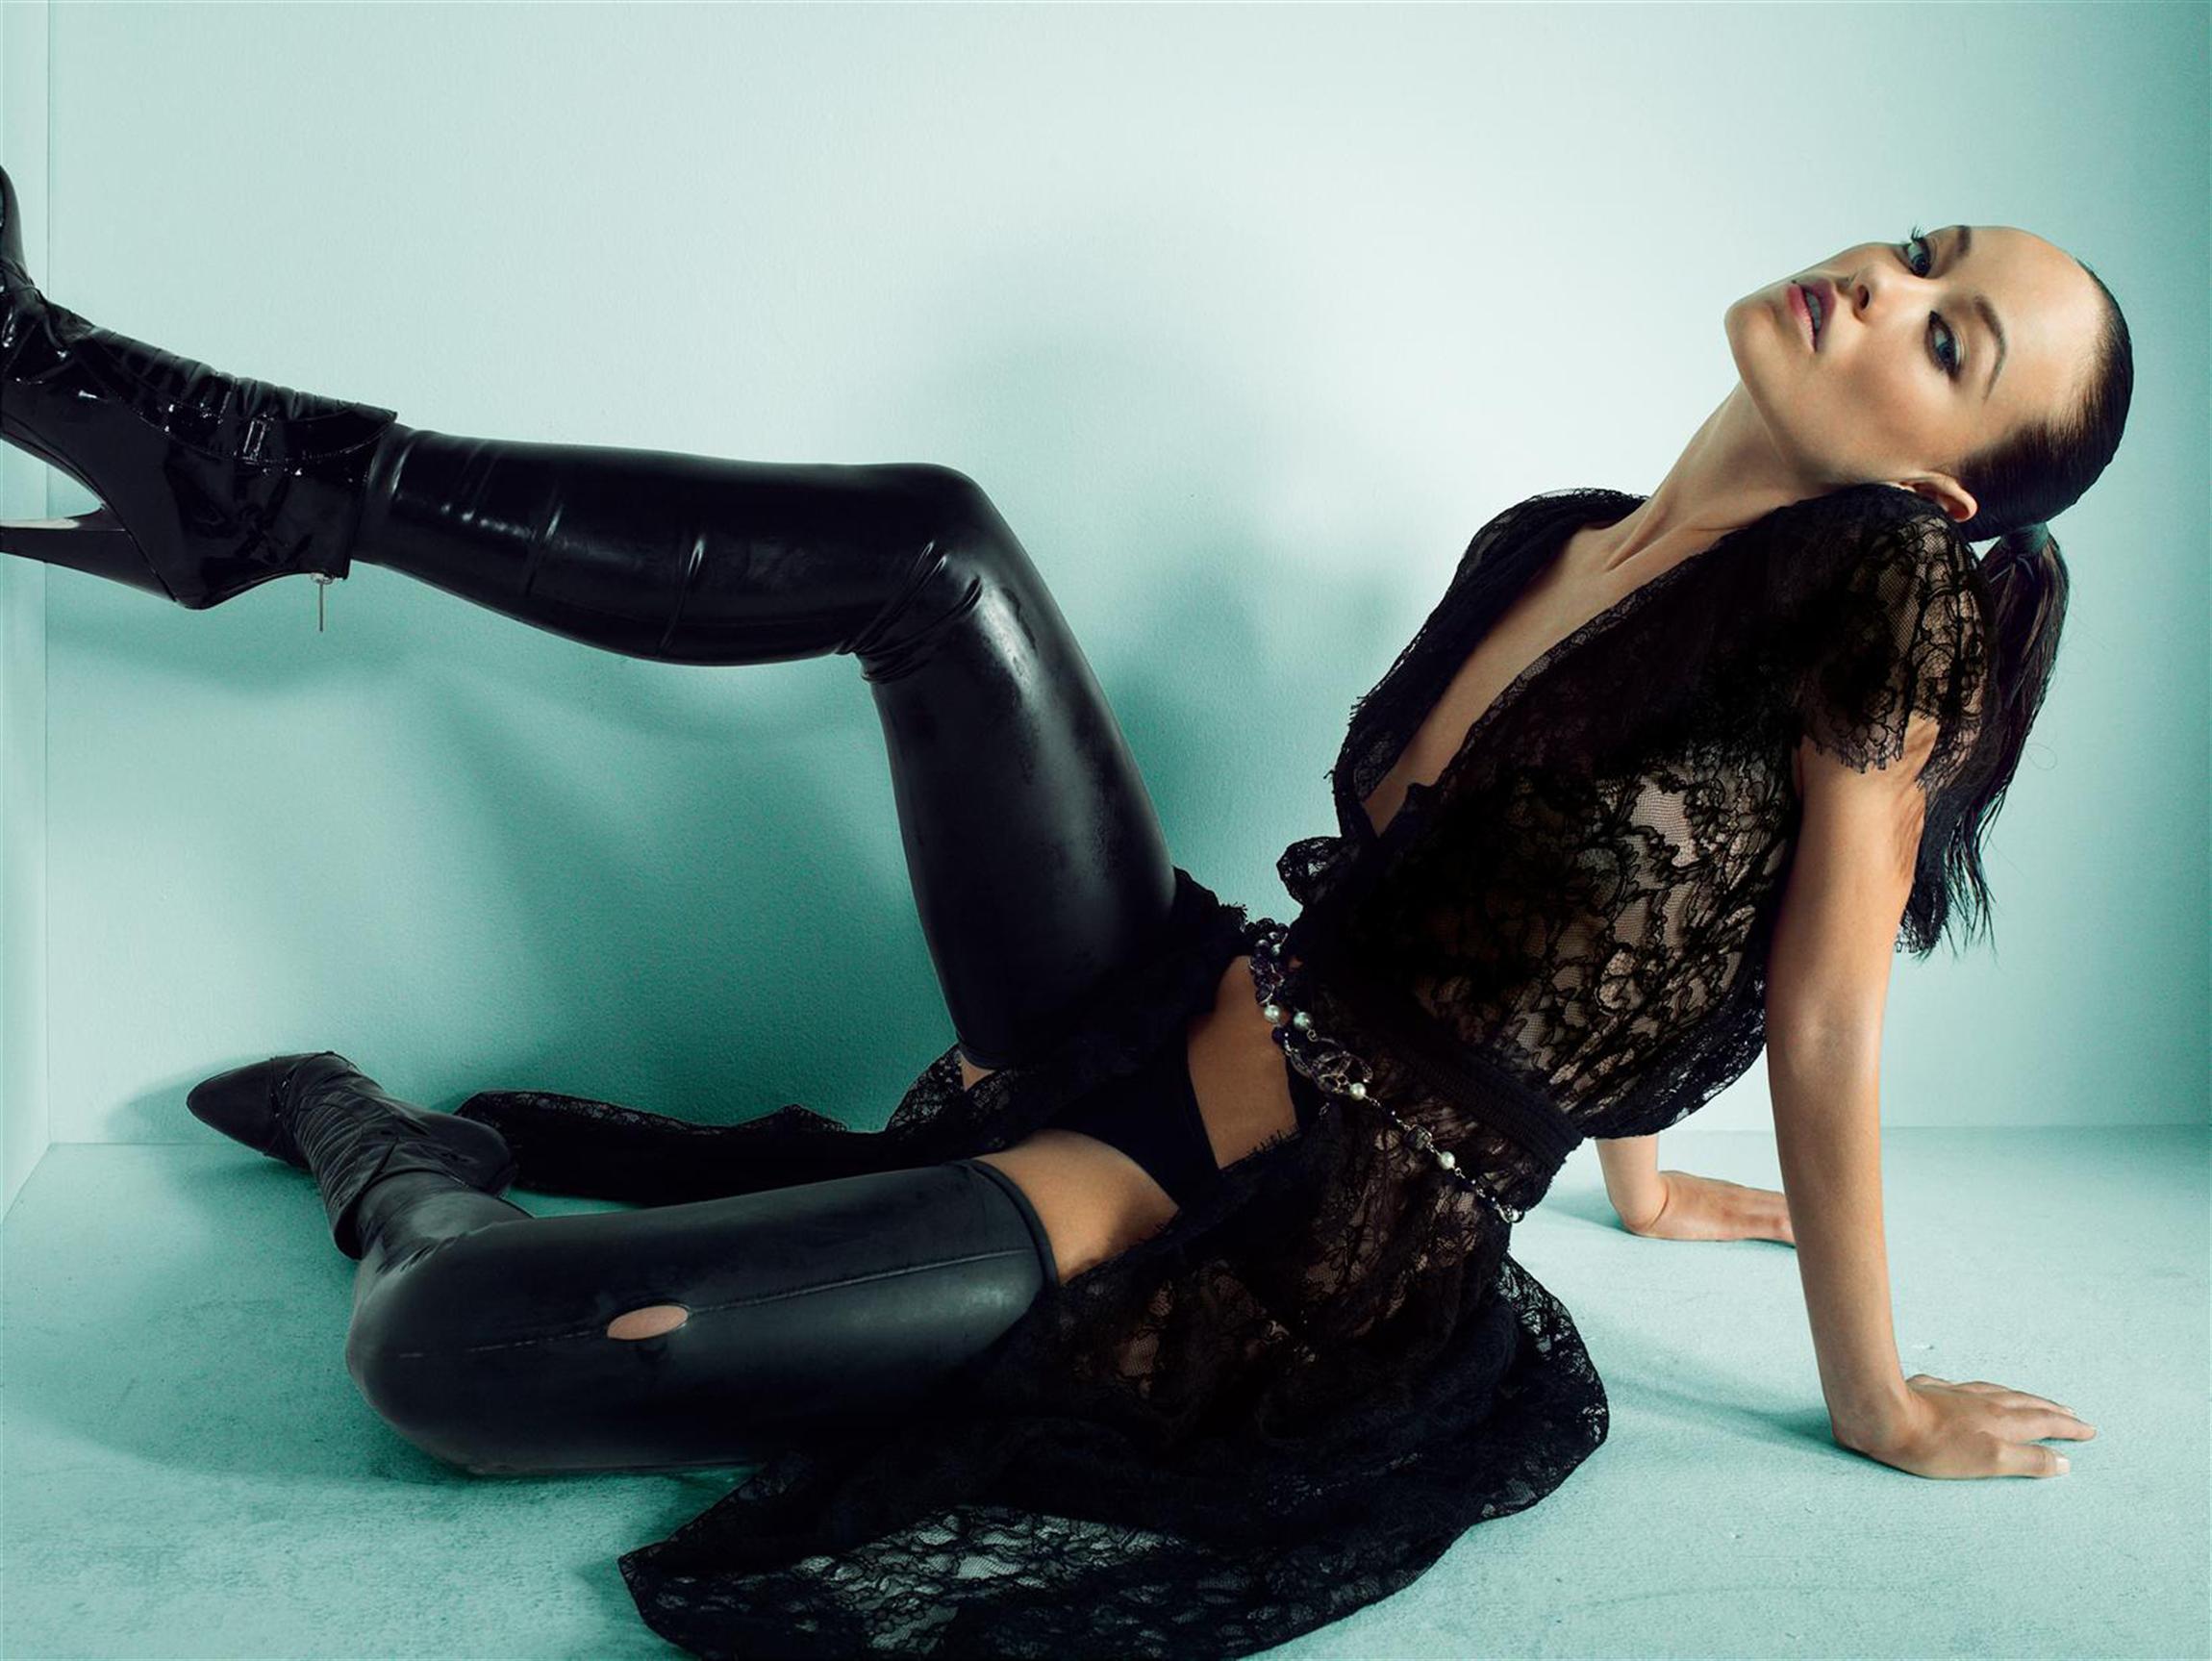 Olivia is Leather